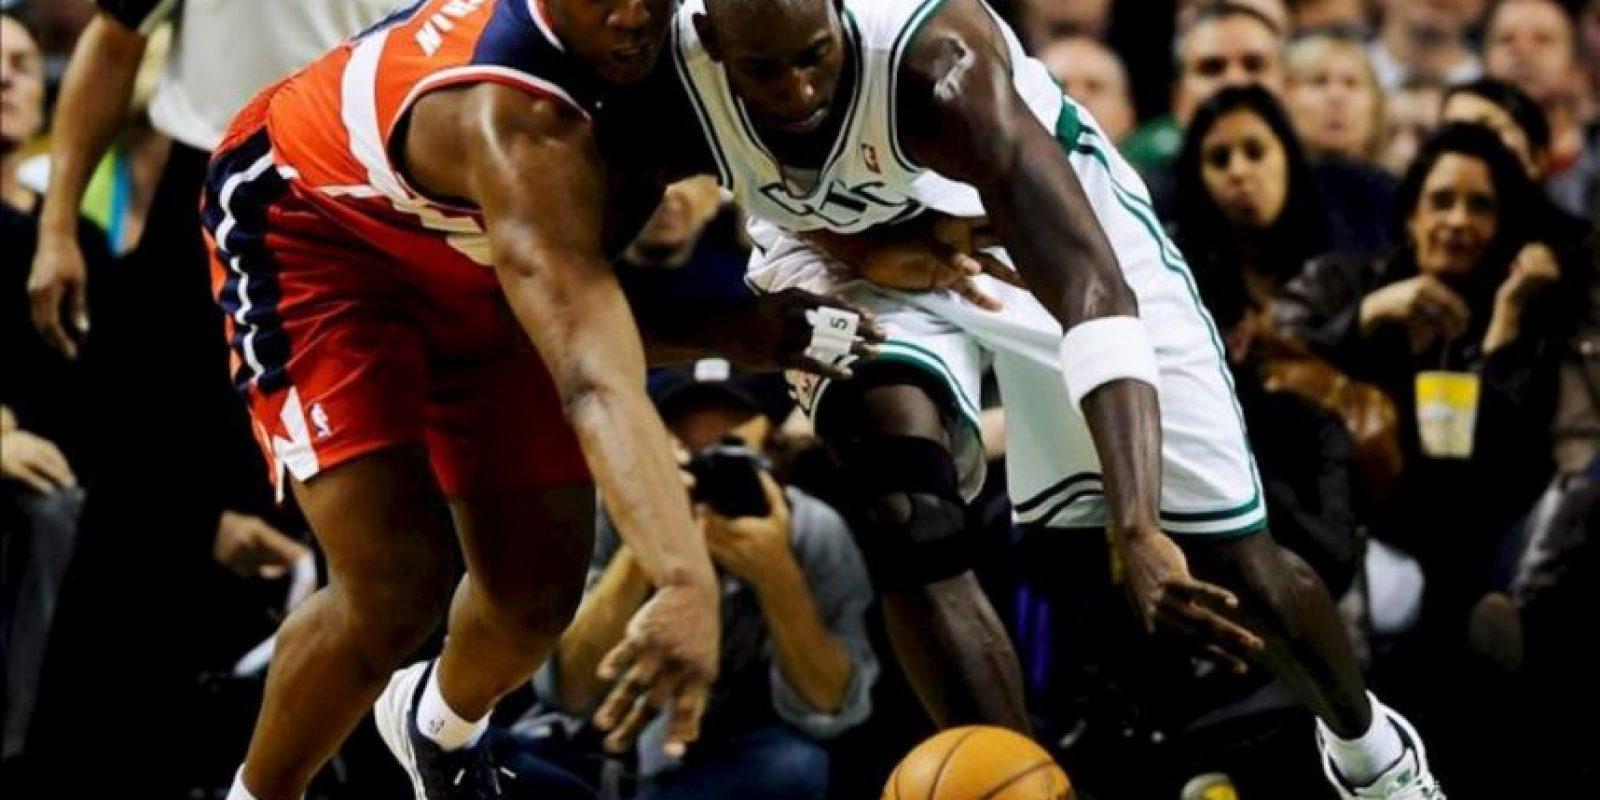 El atacante francés Kevin Seraphin (i) de Washington Wizards busca una bola con el atacante Kevin Garnett (d) de Boston Celtics, durante un juego de la NBA celebrado en Massachusetts (EE.UU.). EFE